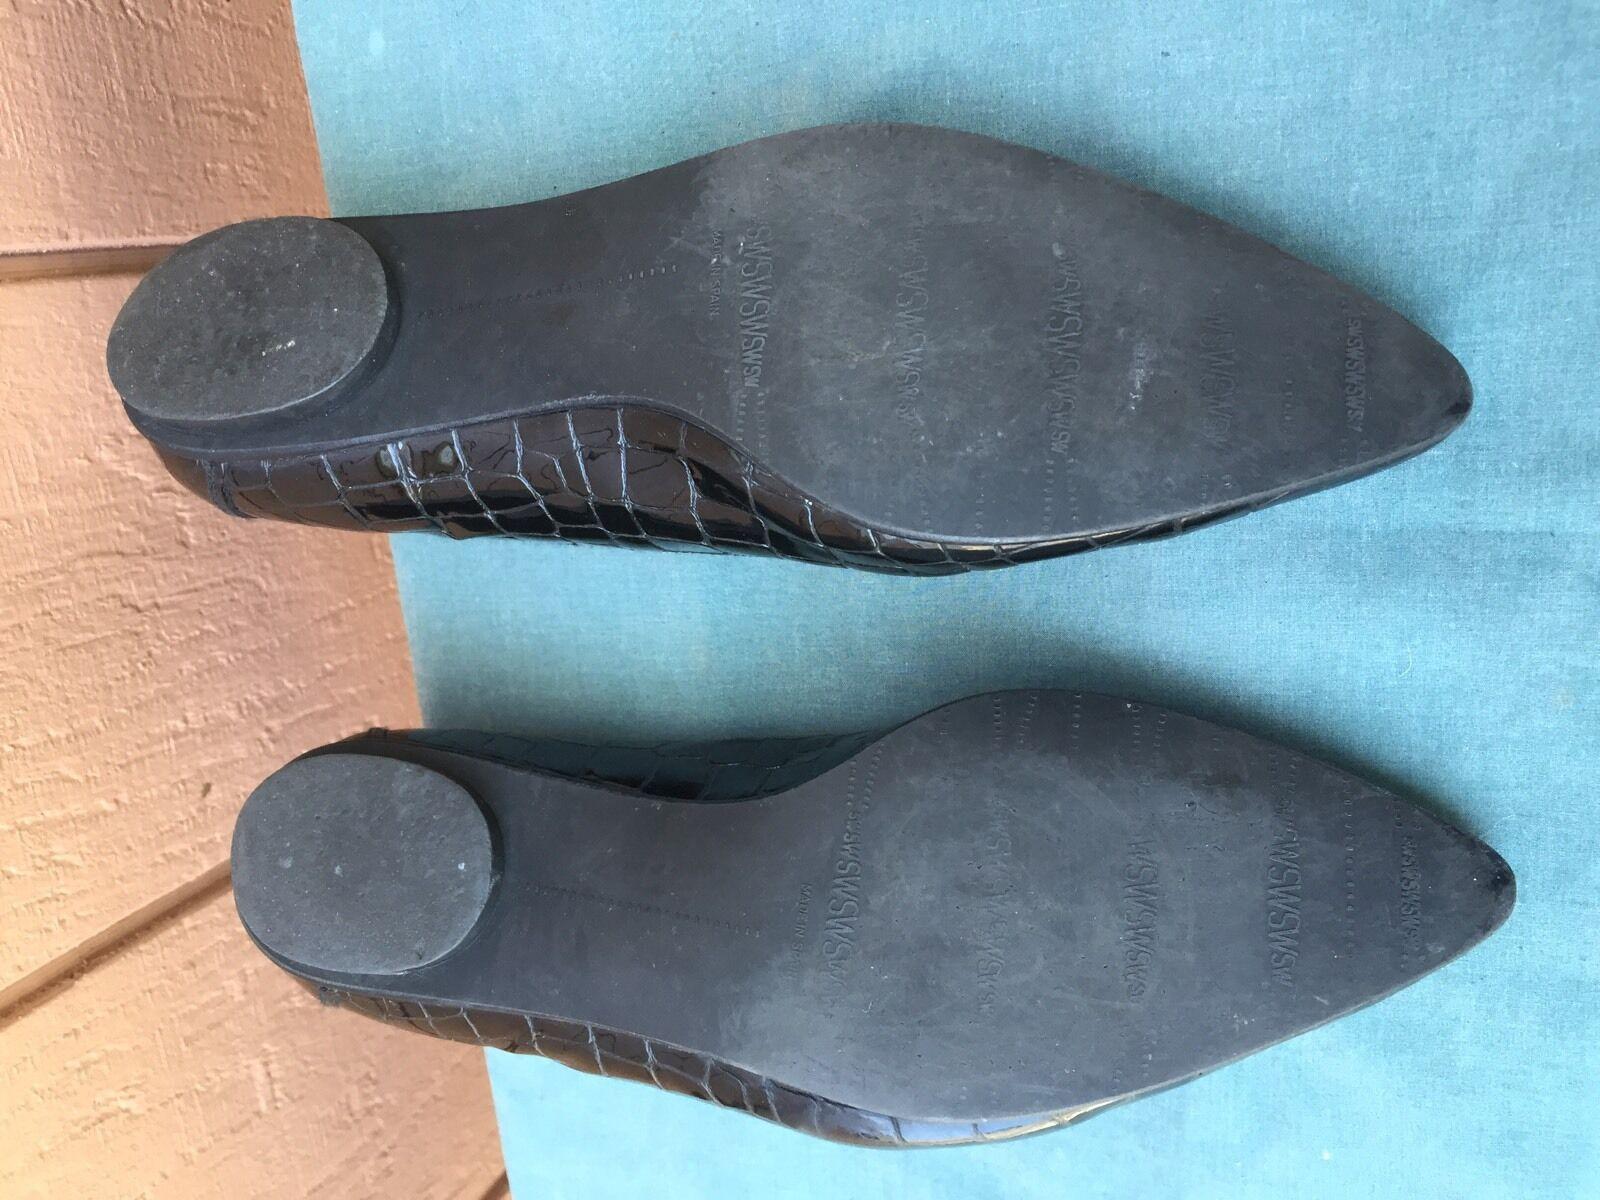 Stuart Weitzman Weitzman Weitzman Black Leather Crocodile Print Flats Mocassins  Women's US SZ 7 M 77beea